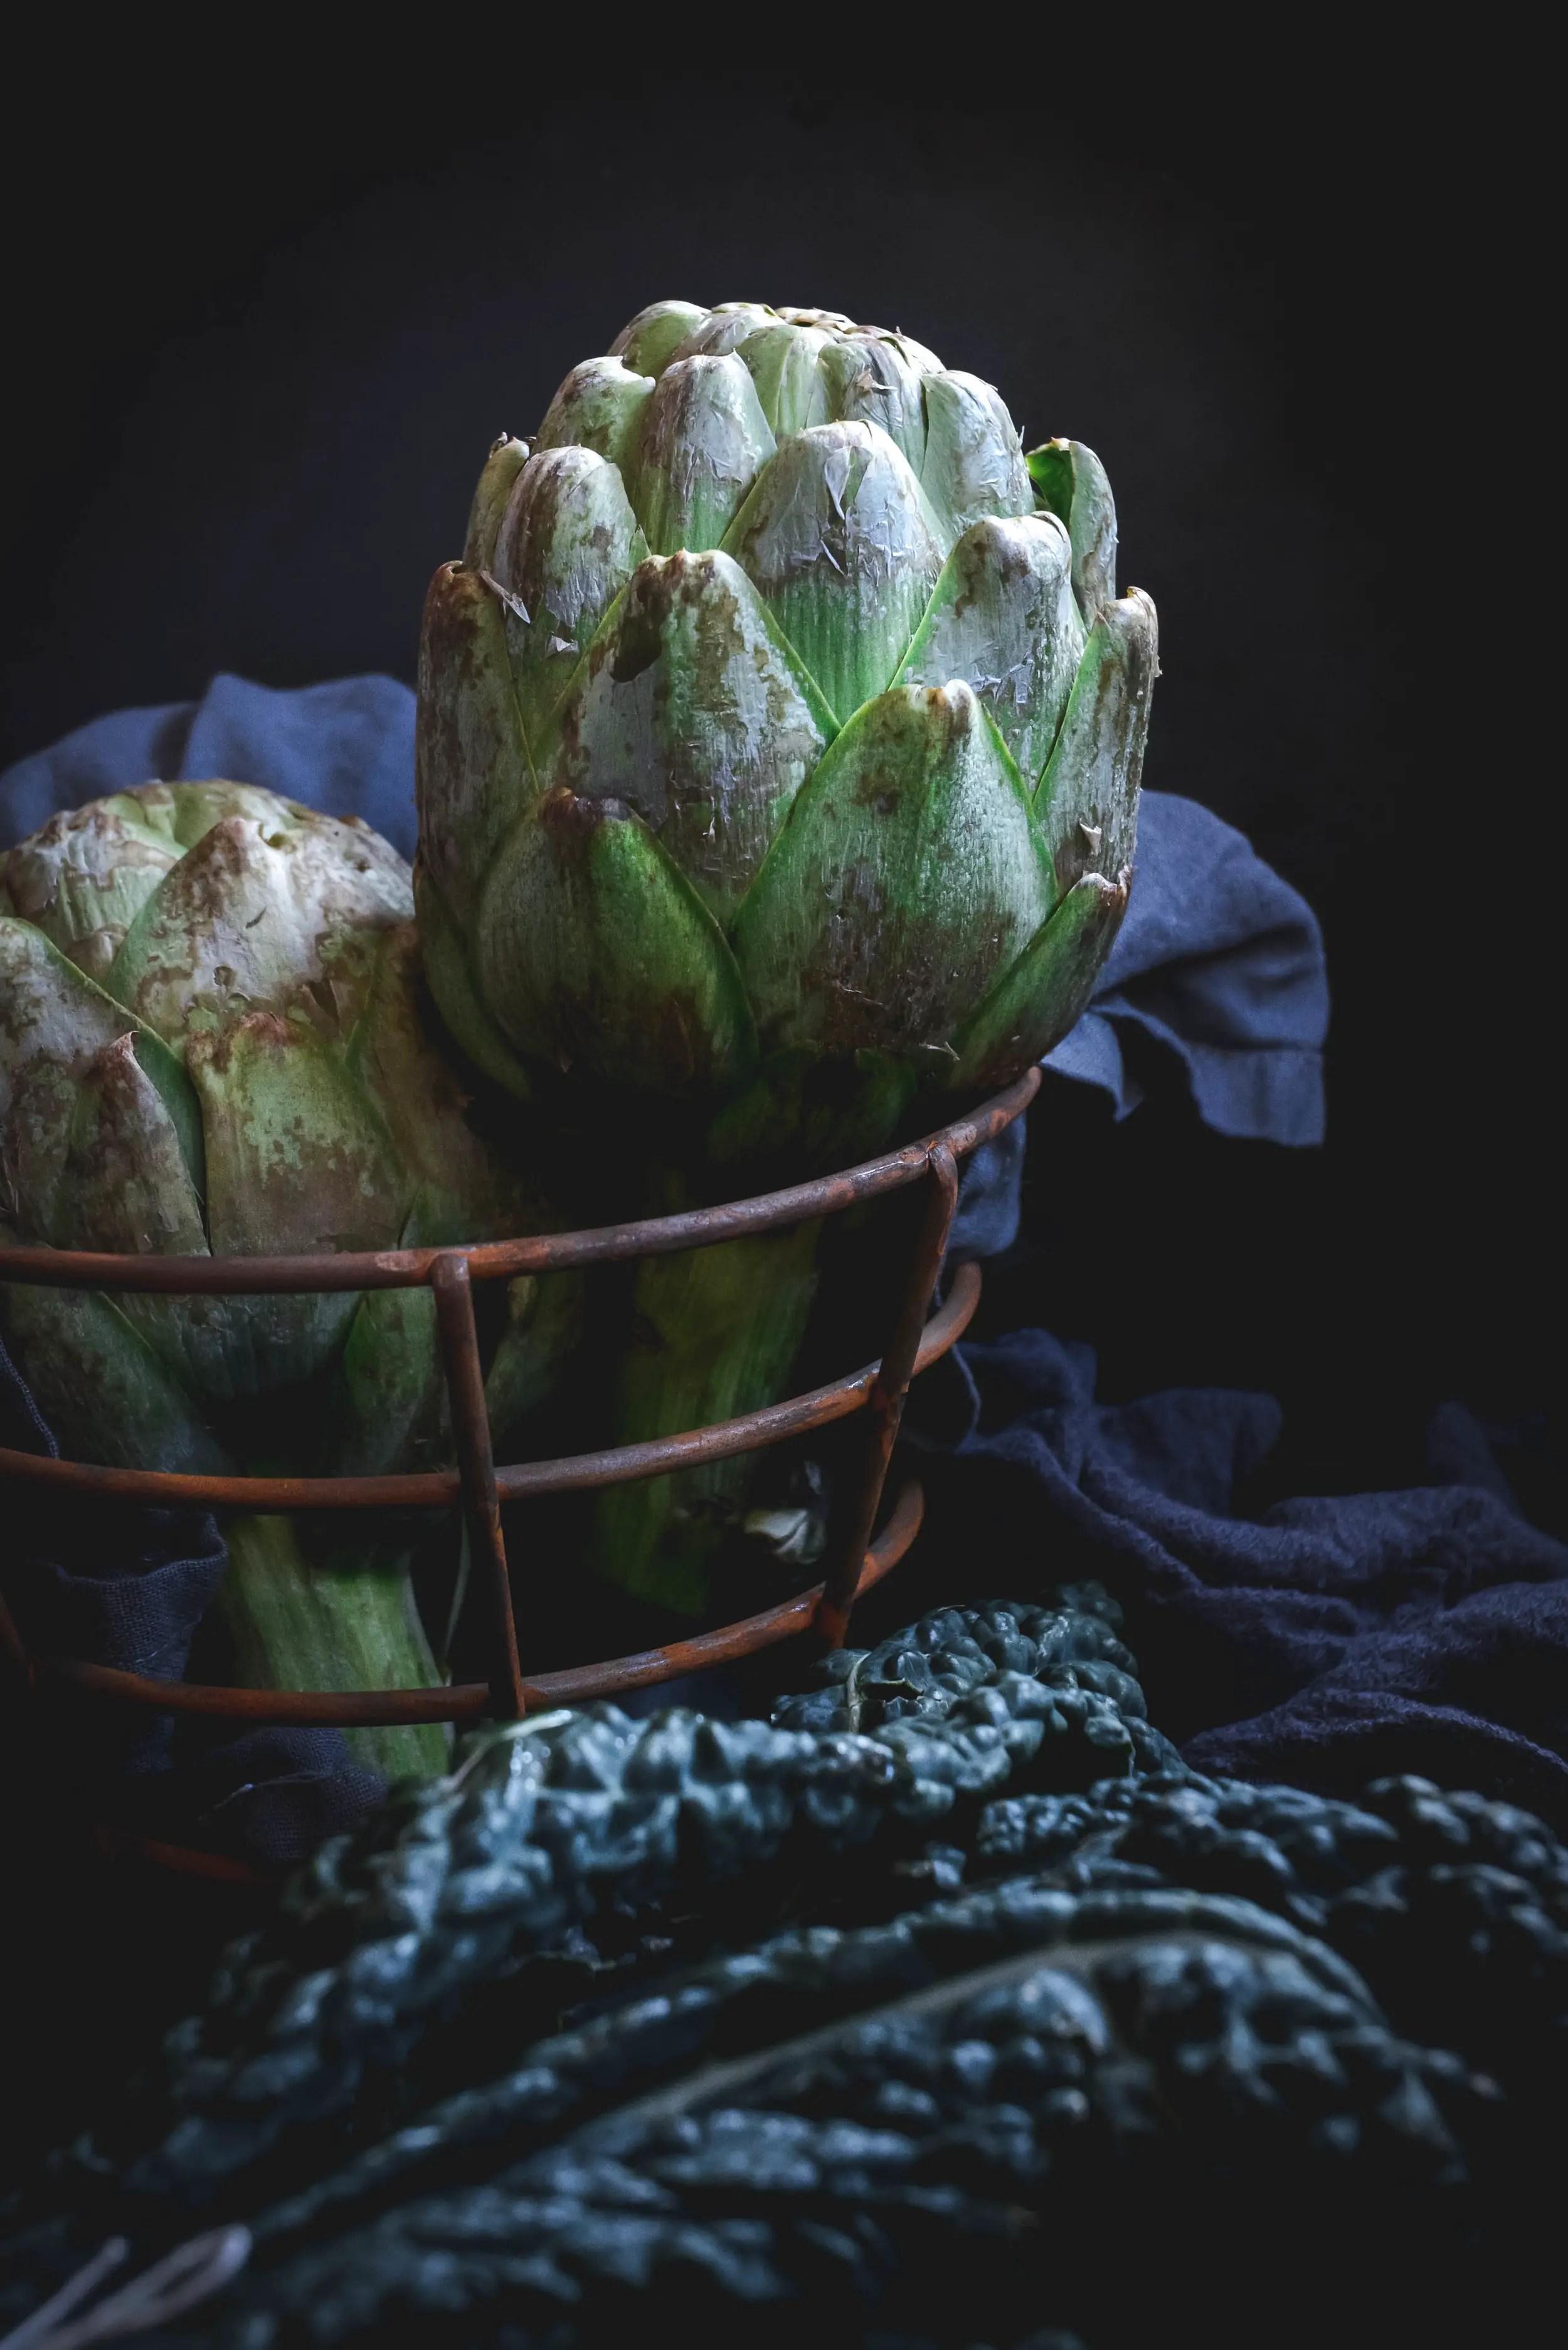 artichokes in basket